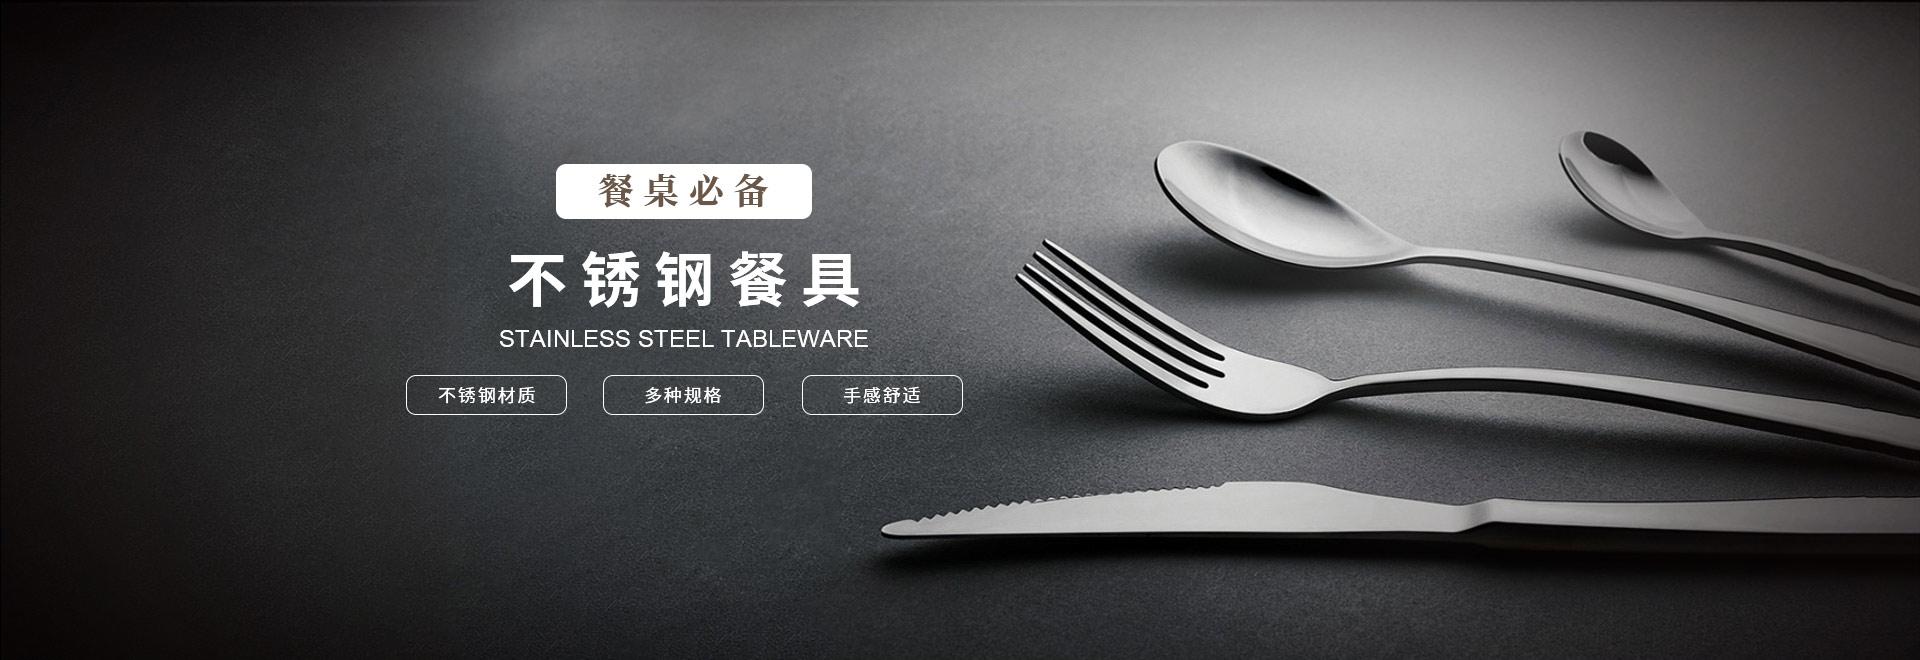 四川不锈钢厨具